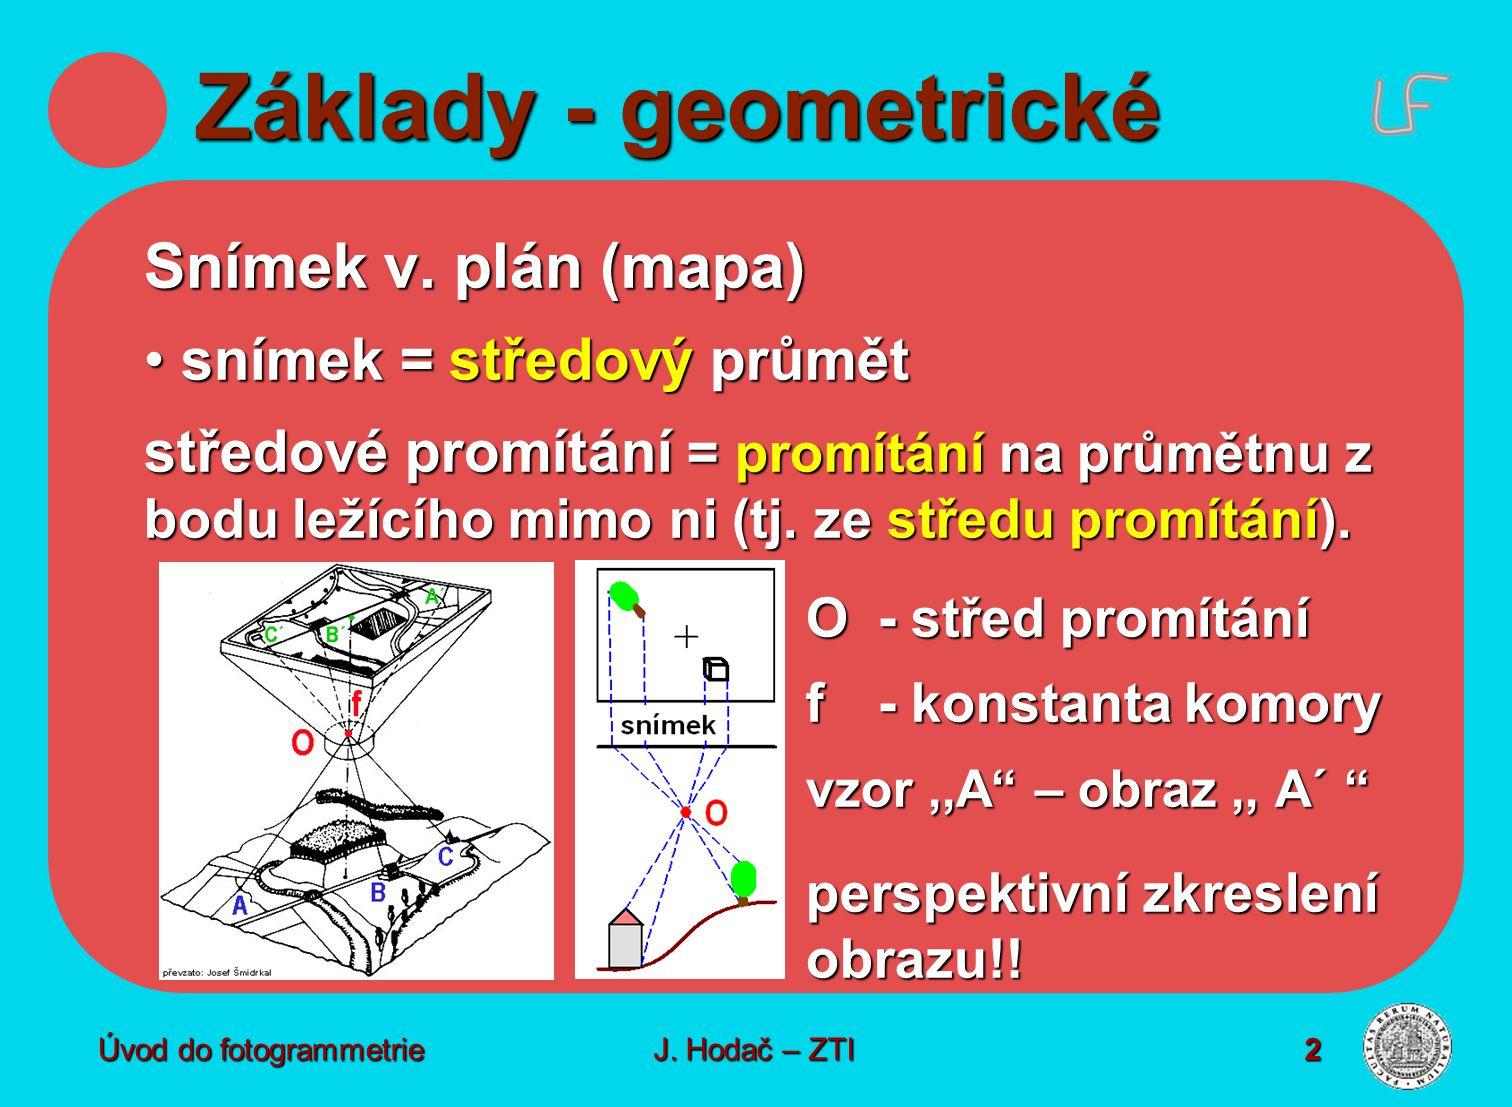 Úvod do fotogrammetrie2 Základy - geometrické Snímek v. plán (mapa) snímek = středový průmět snímek = středový průmět středové promítání = promítání n